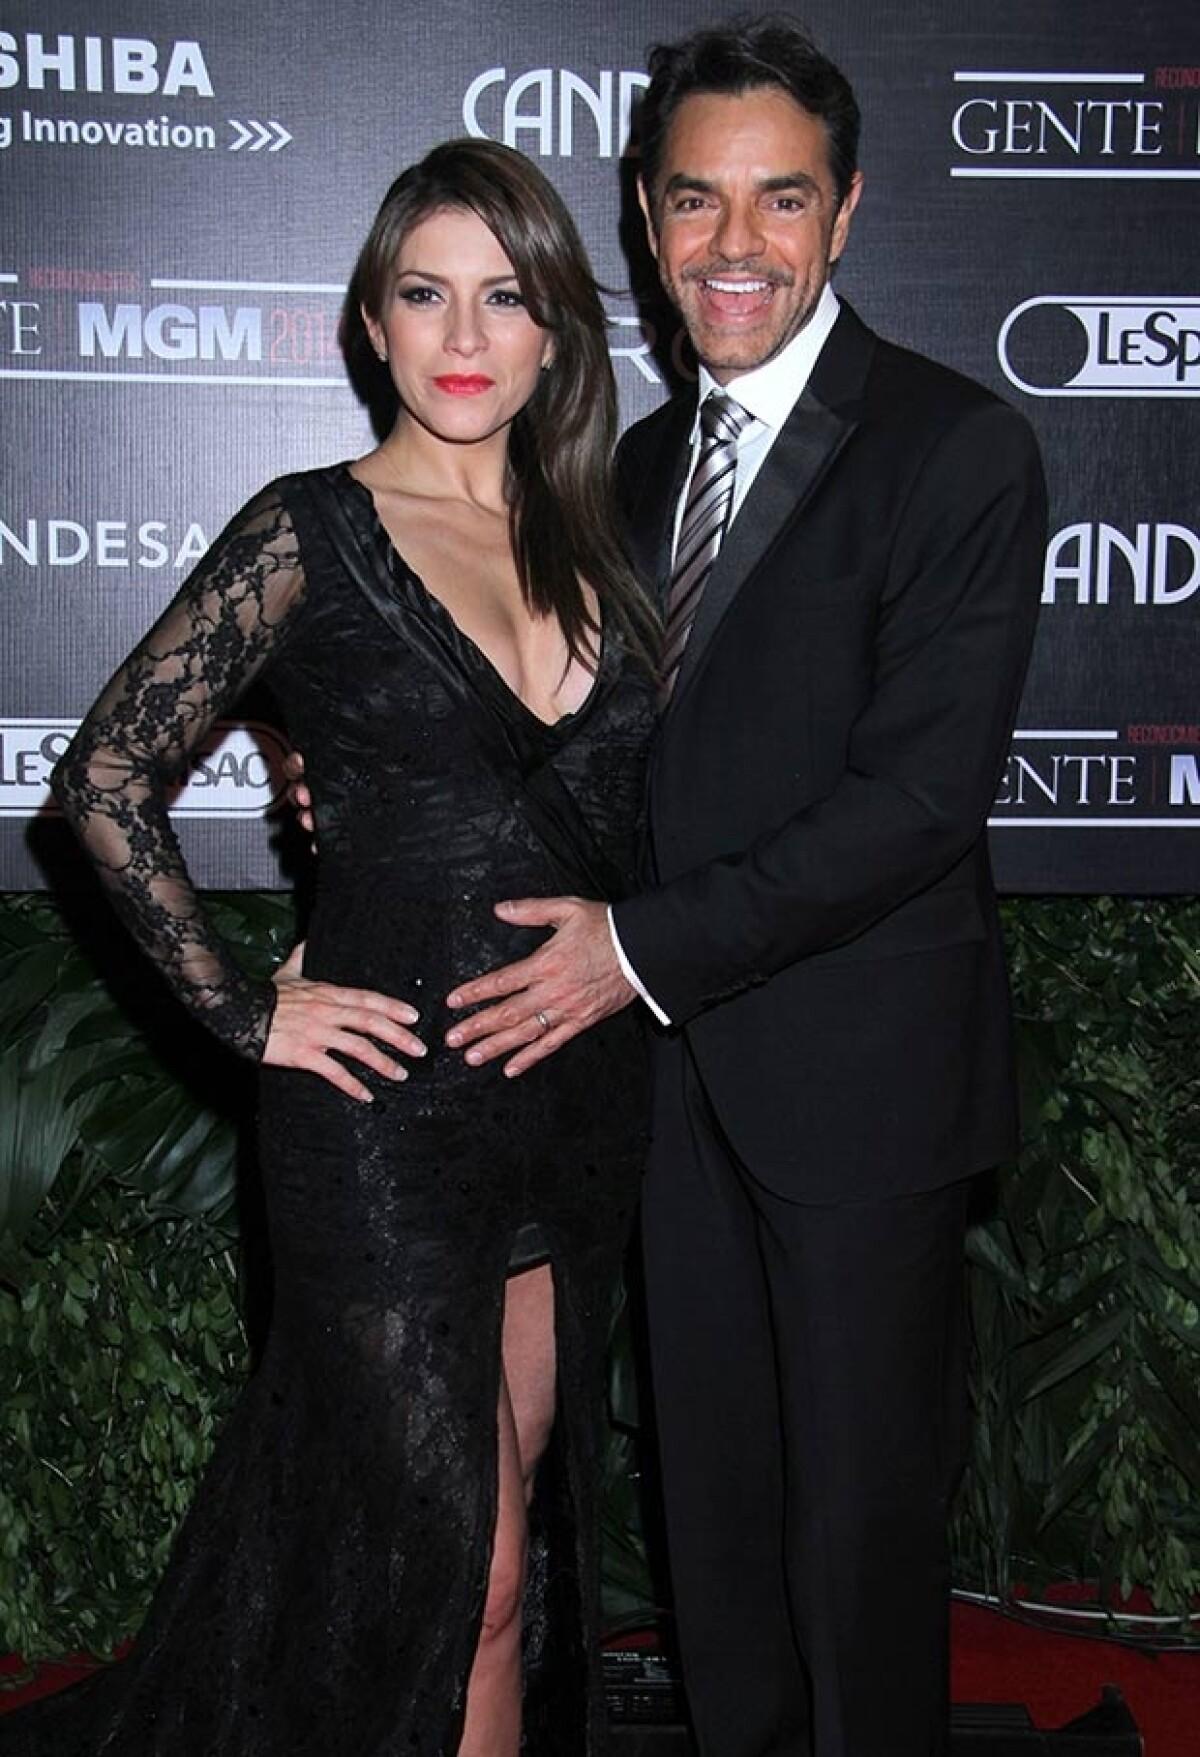 Después de 26 horas de parto, Alessandra y Eugenio ya son papás